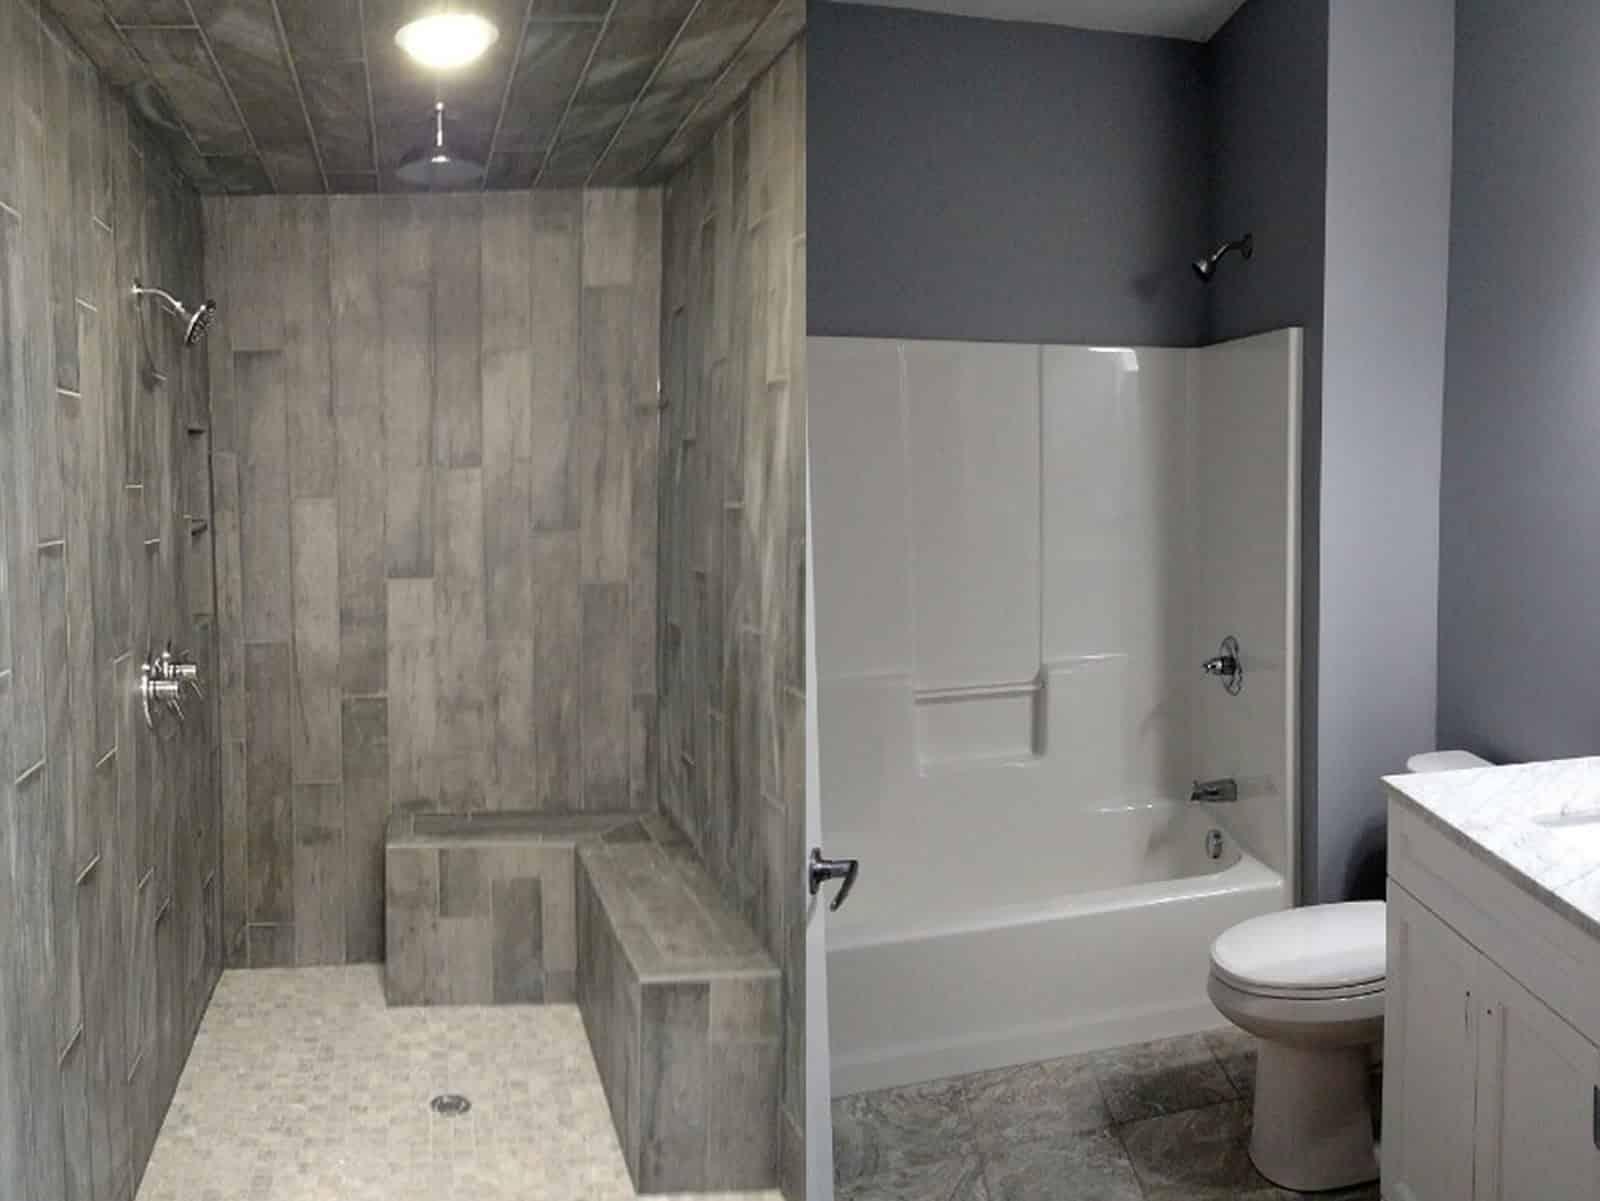 interior-options-upgrades